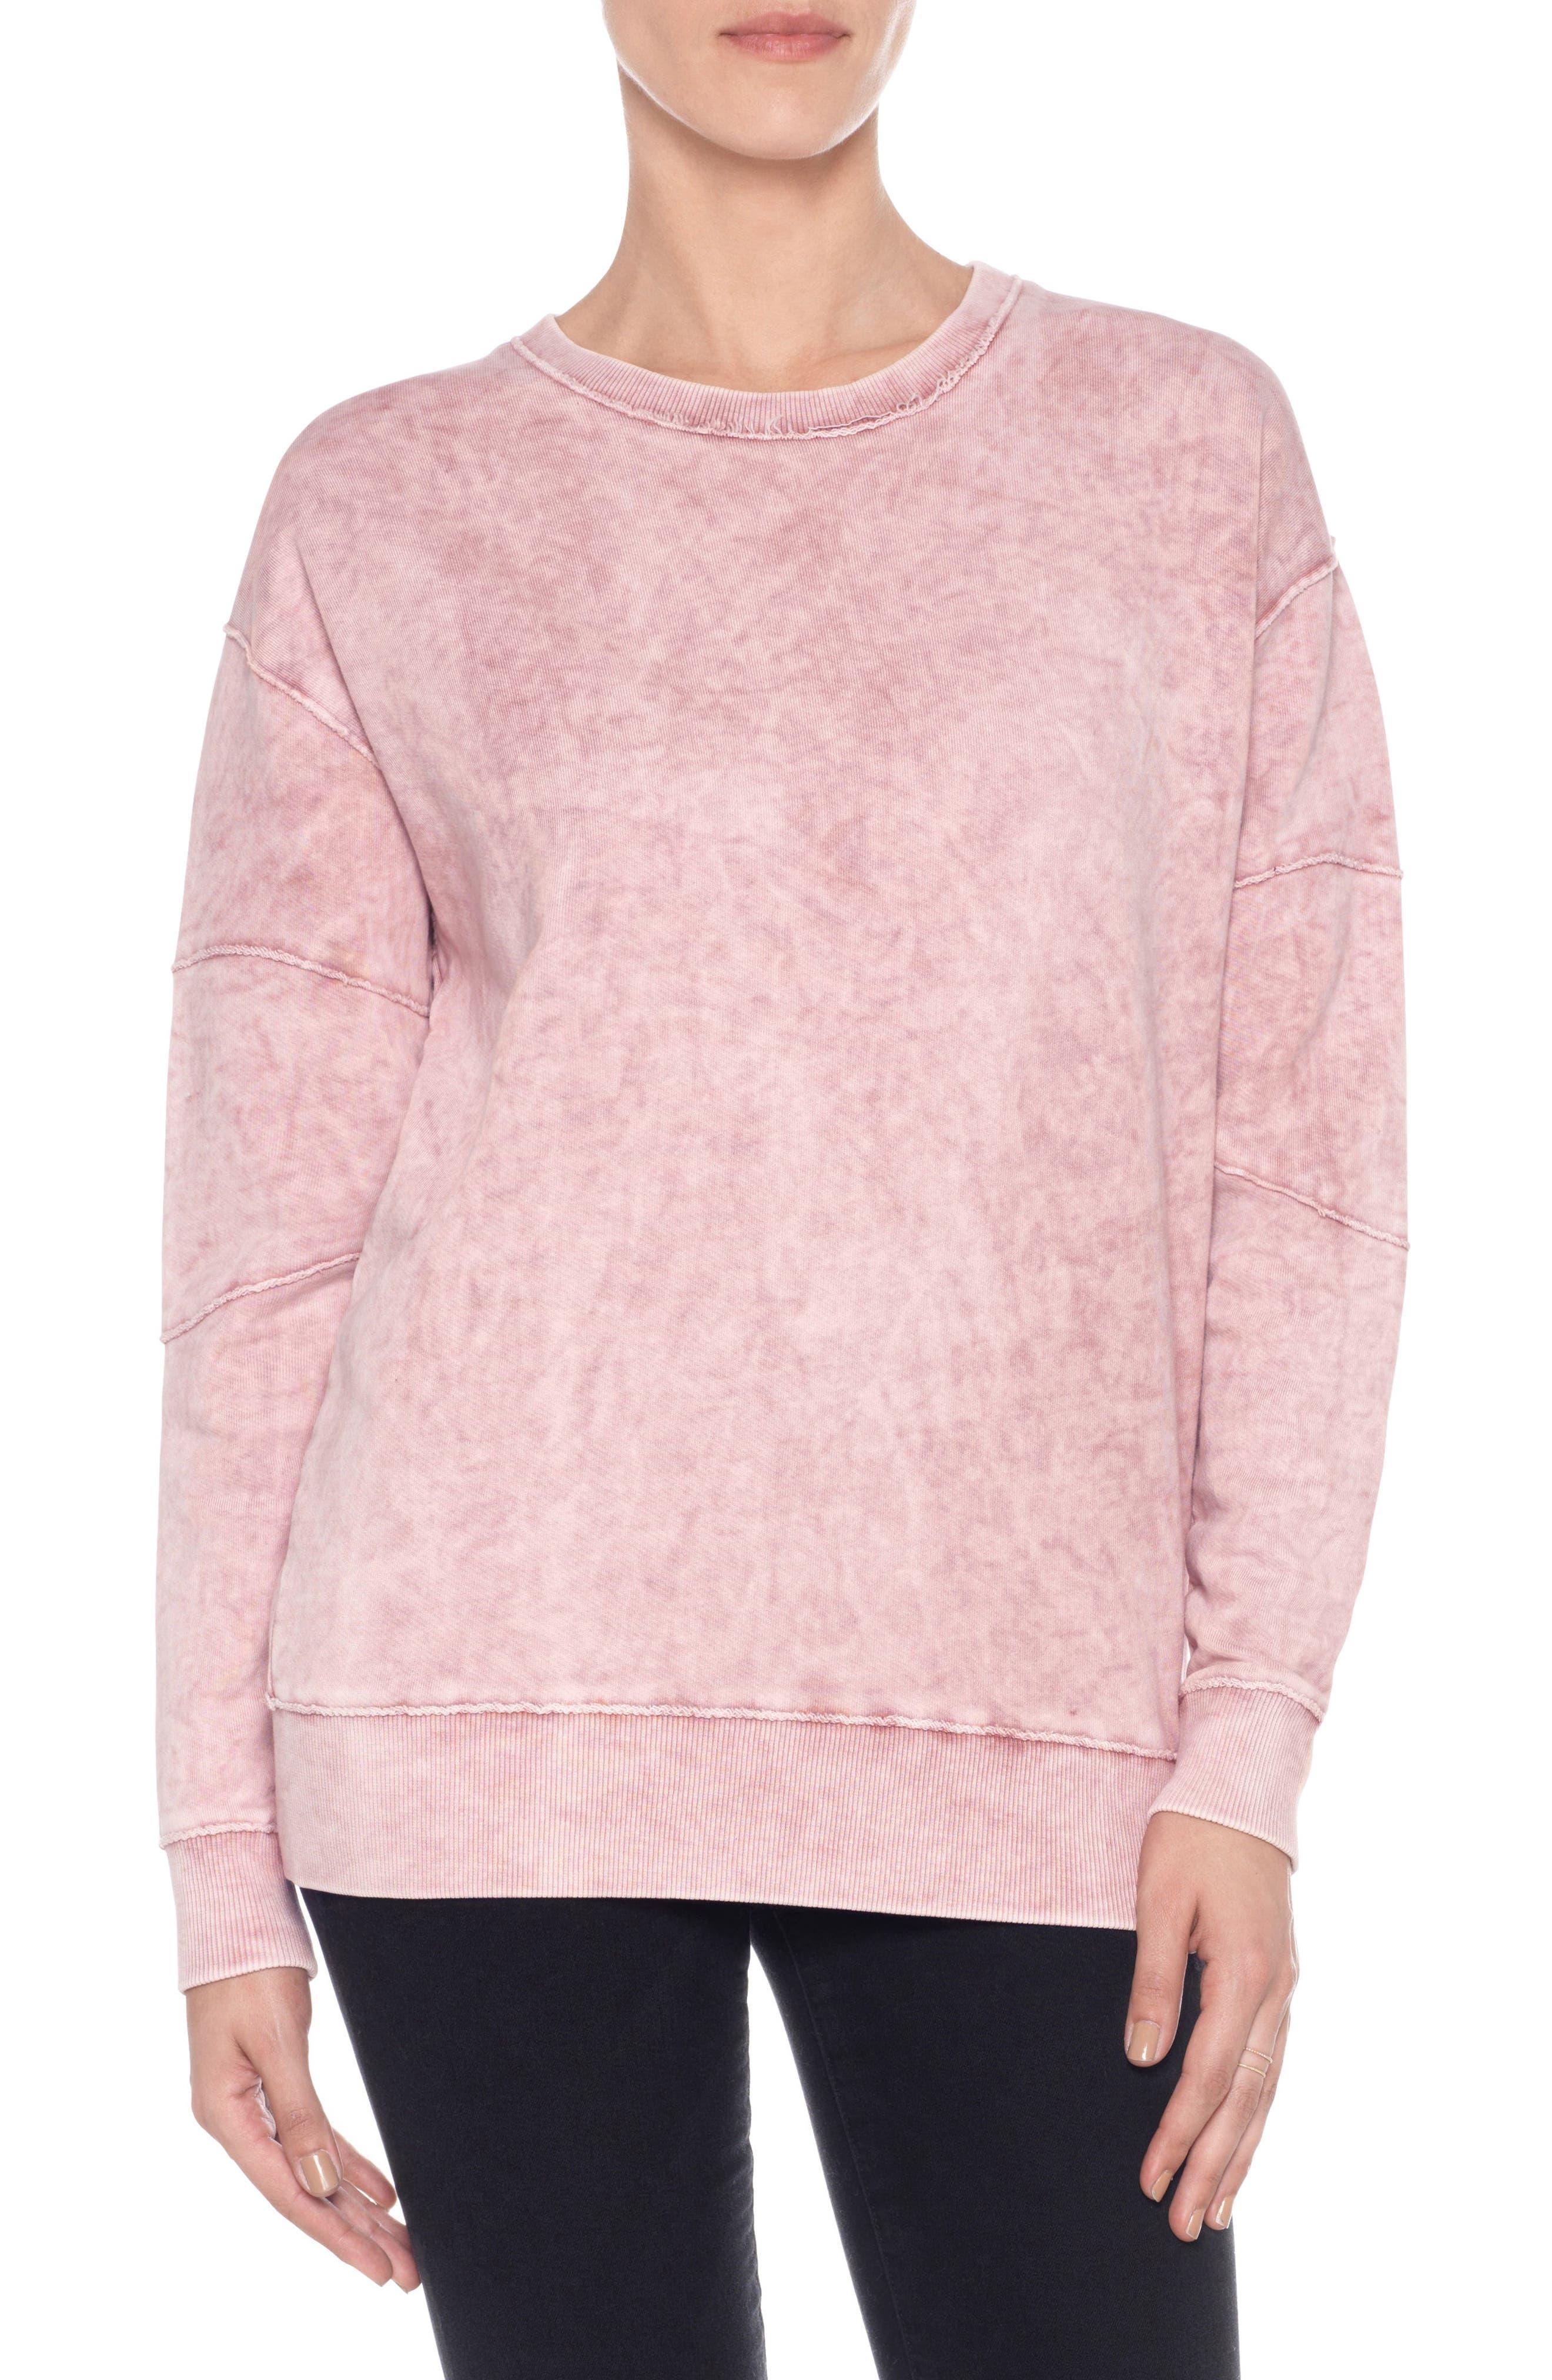 Kendall Sweatshirt,                         Main,                         color, Wood Rose